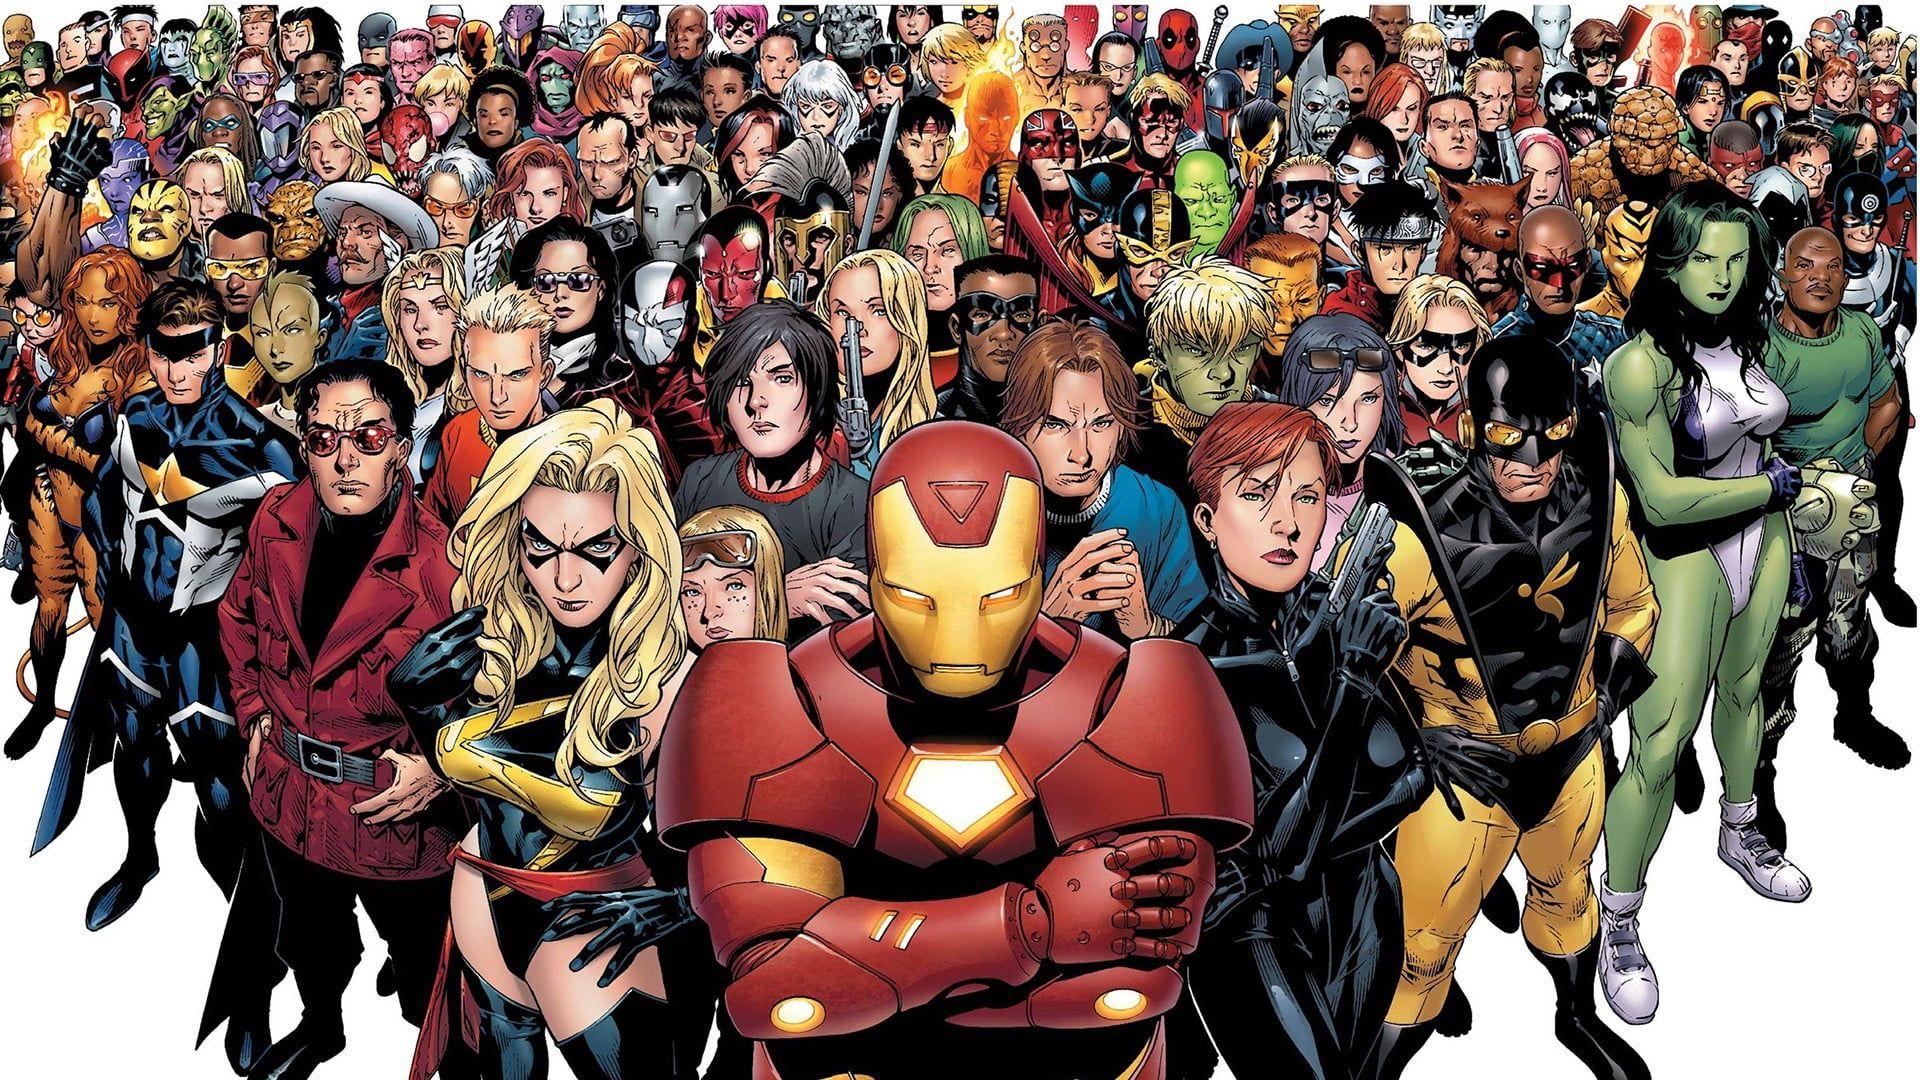 Marvel Super Heroes Digital Wallpaper Marvel Comics Civil War Comics Team Iron Man 1080p Wallpaper Hdwallpape In 2020 Marvel Heroes Marvel Cinematic Marvel Comics